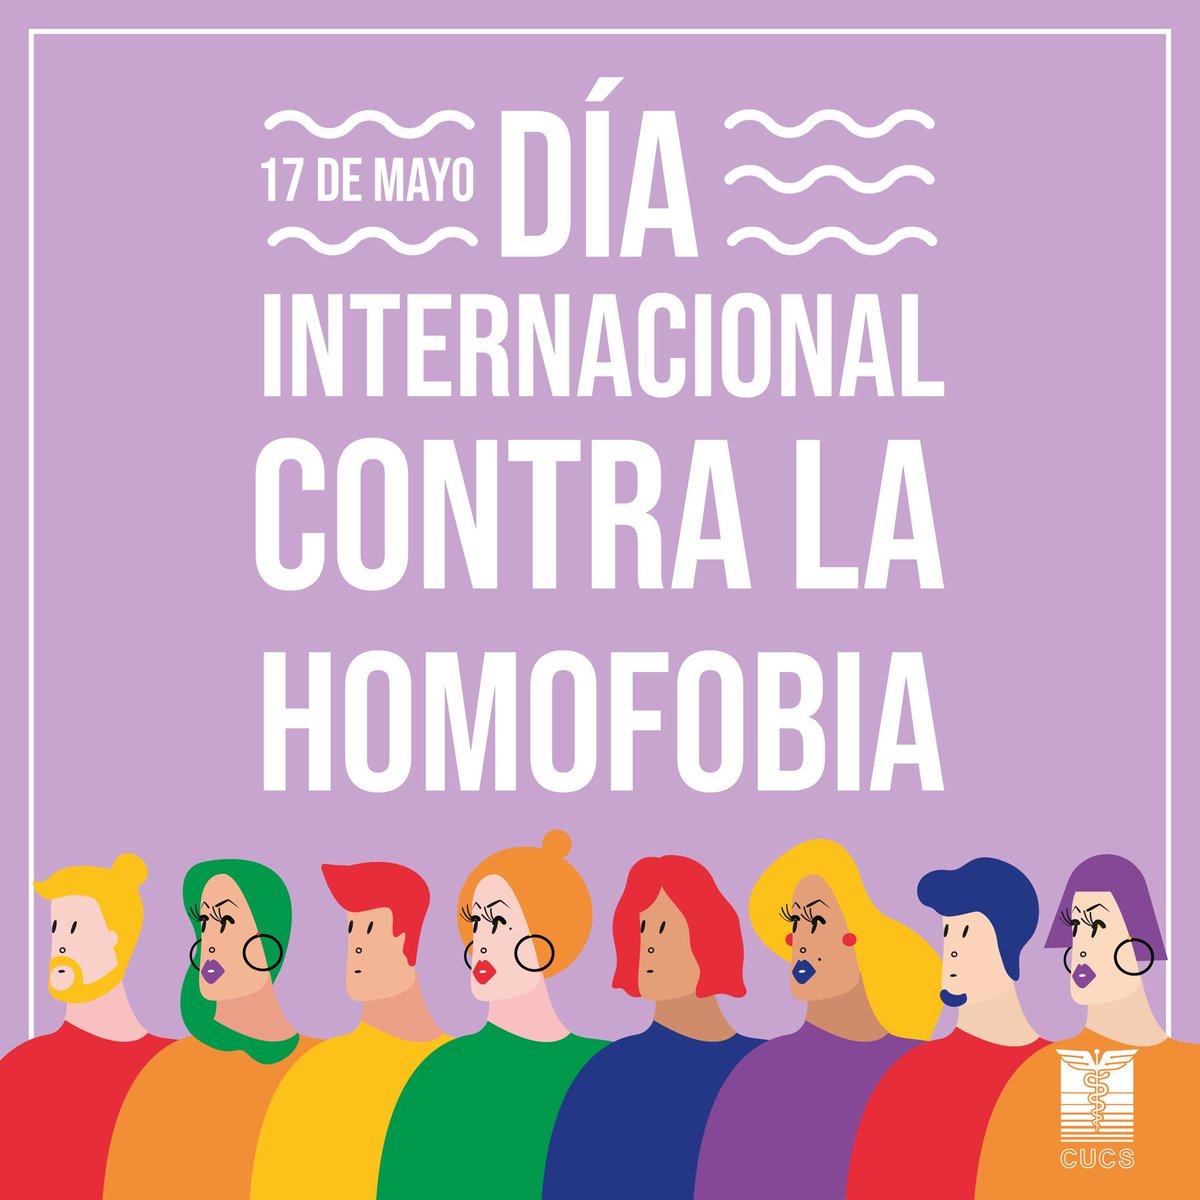 CUCS Oficial's photo on Día Mundial